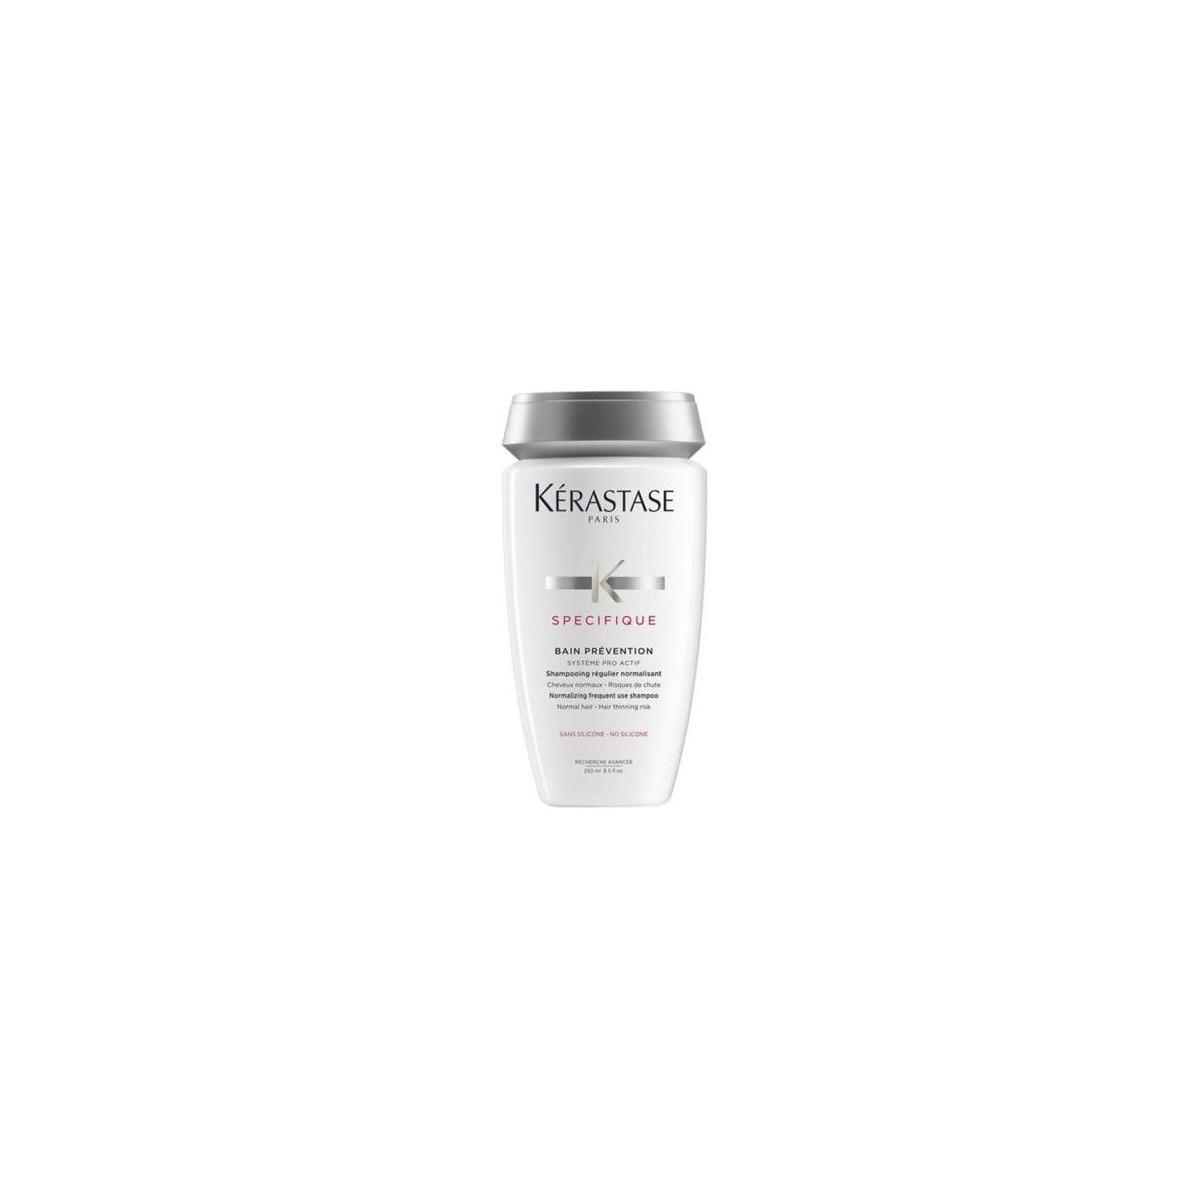 KERASTASE PREVENTION szampon przeciw wypadaniu włosów 250ml